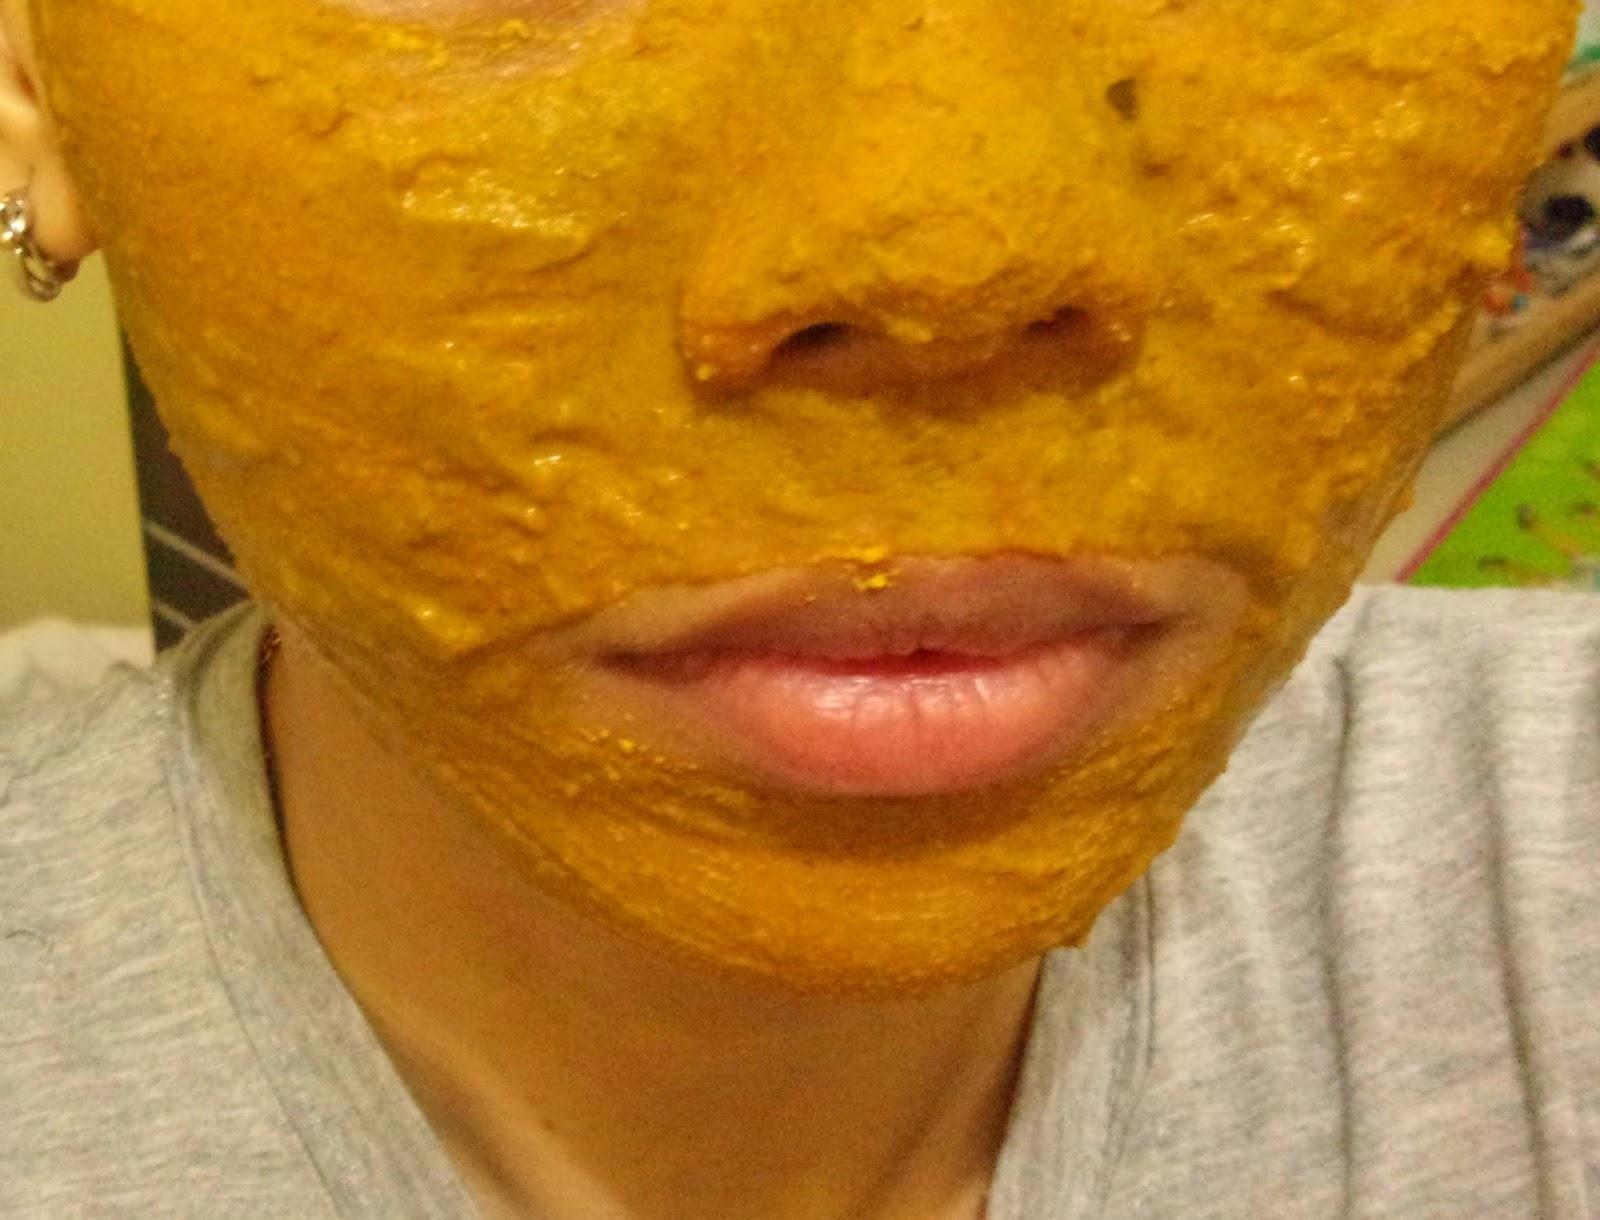 Review Masker Jerawat Indah Warni Dari Mustika Ratu Saturnian Penyegar Sari Ketimun 150ml Dan Taraaaaini Penampakan Setelah Didempul Ke Wajah